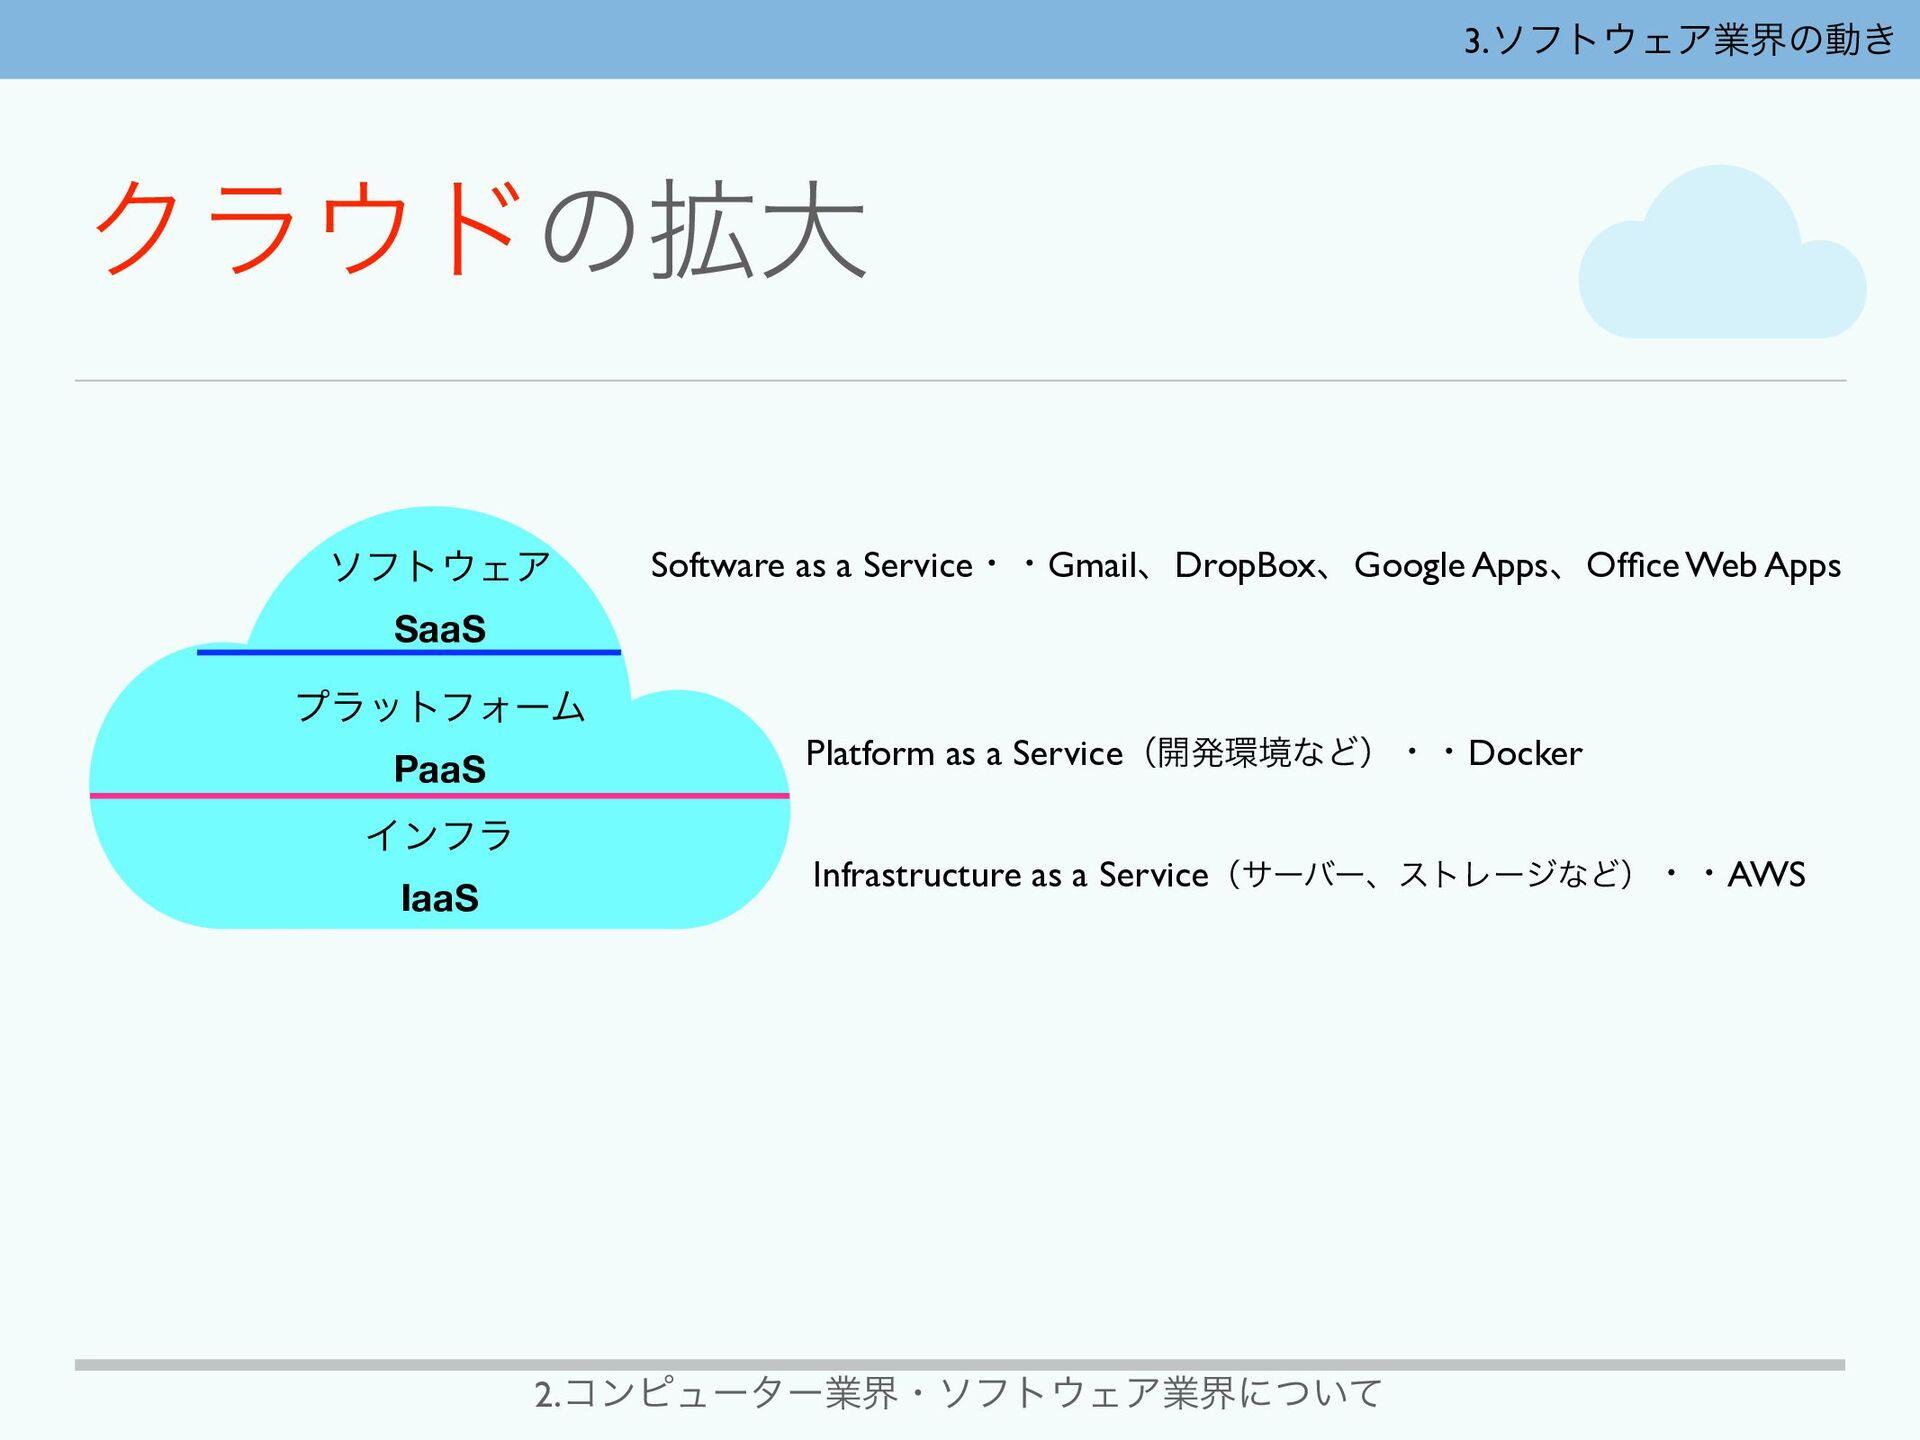 2.ίϯϐϡʔλʔۀքɾιϑτΣΞۀքʹ͍ͭͯ Software as a Serviceɾ...